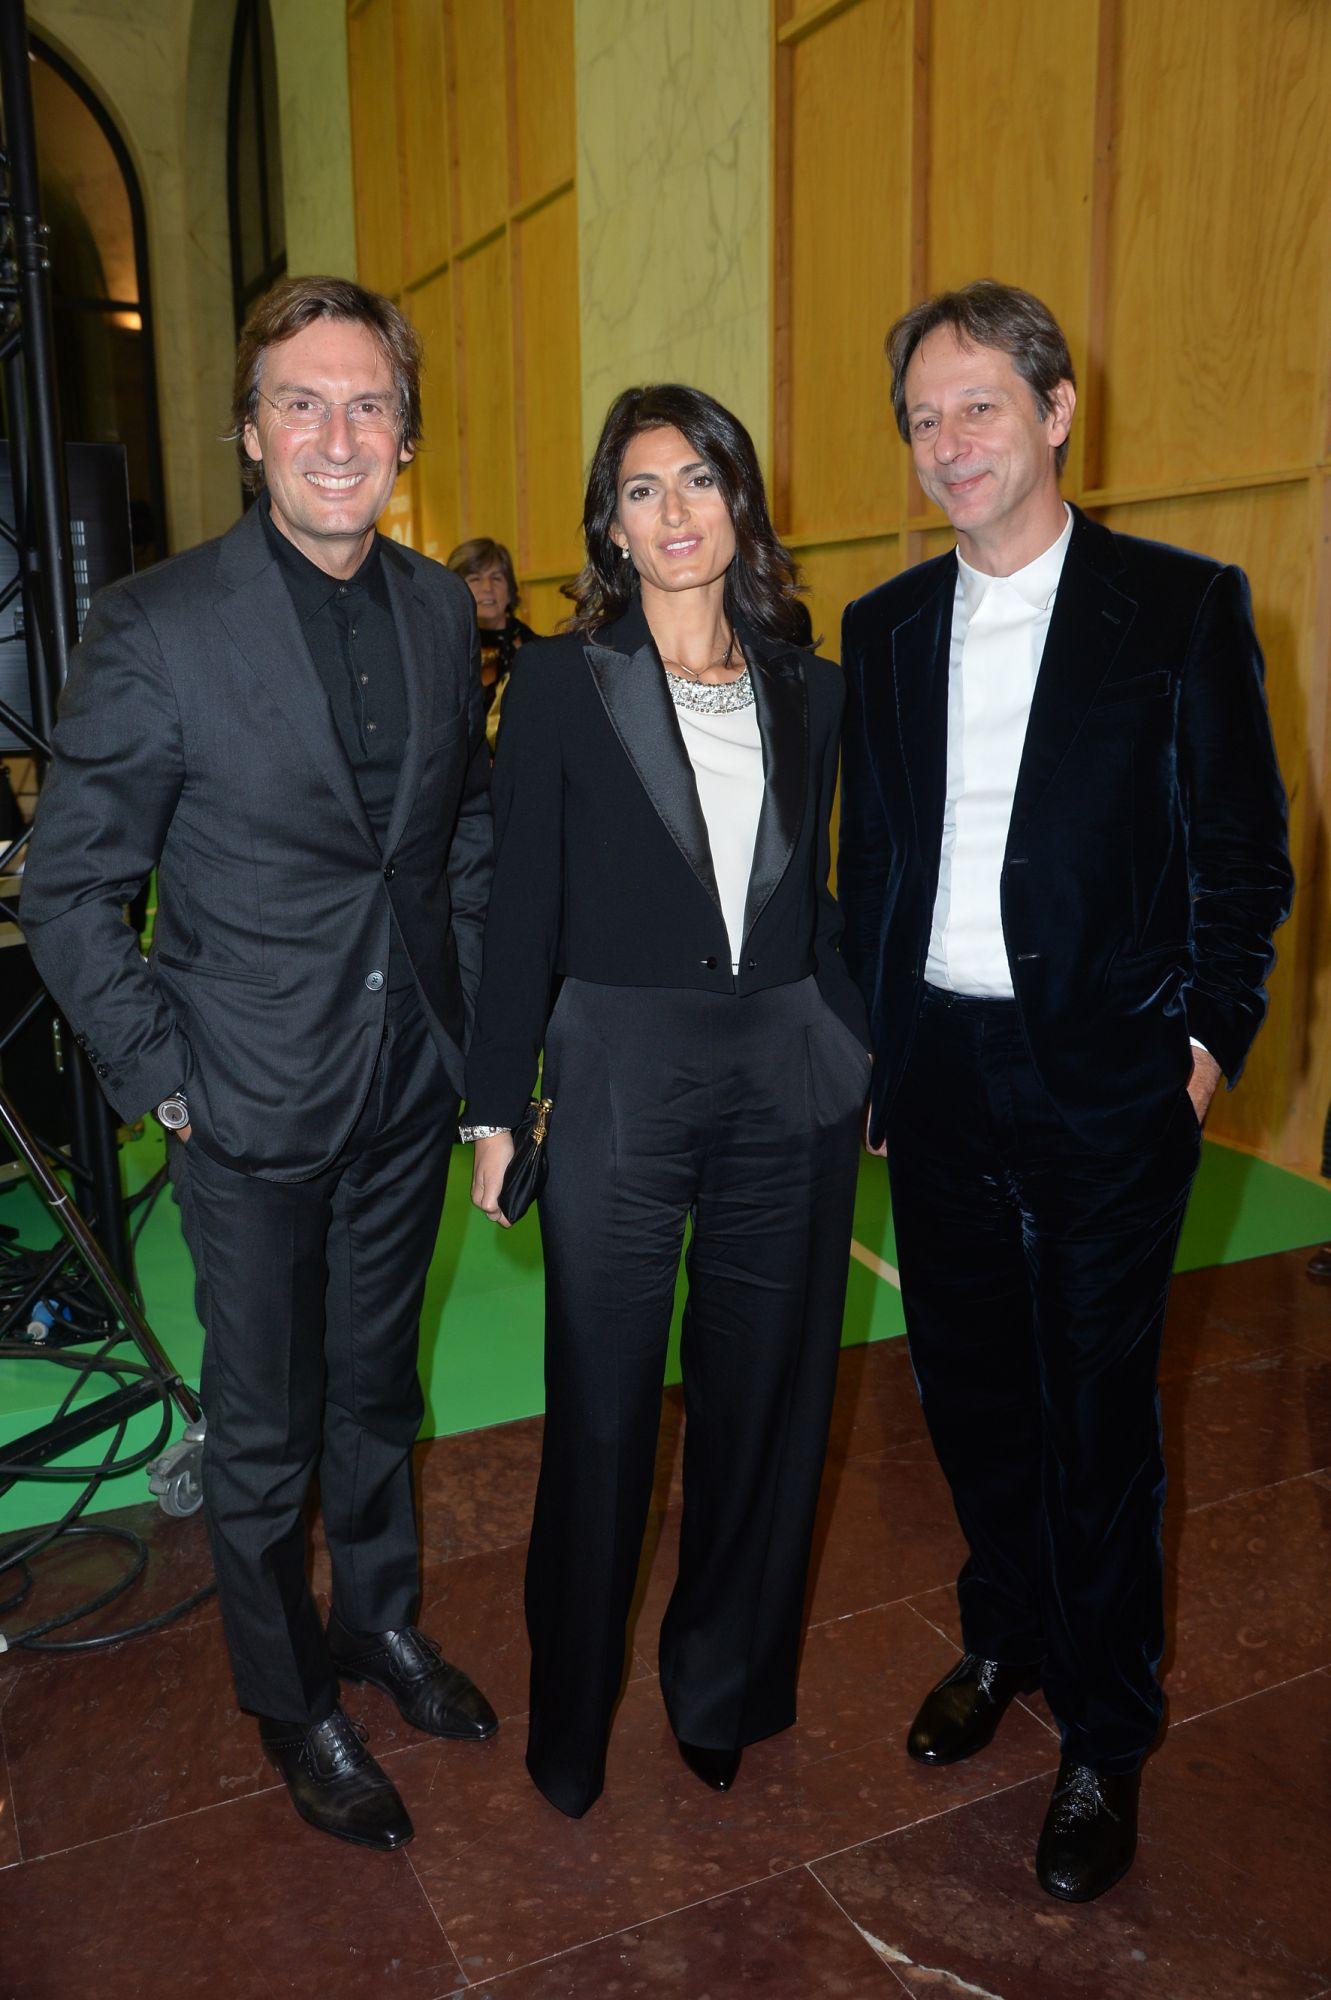 Pietro Beccari, Virginia Raggi, Luca Bergami